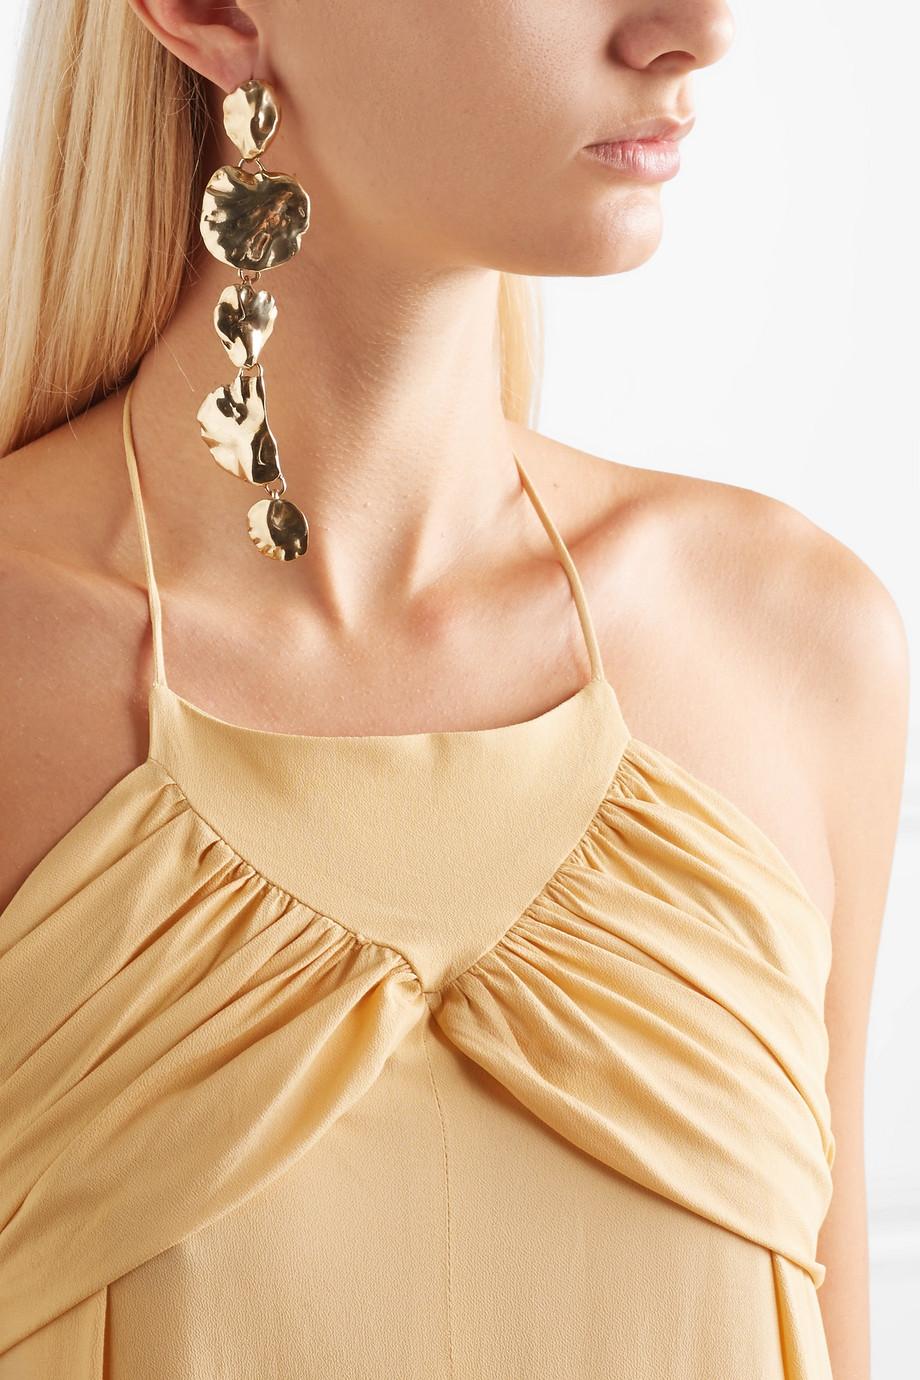 Ariana Boussard-Reifel Artemisia gold-tone earrings